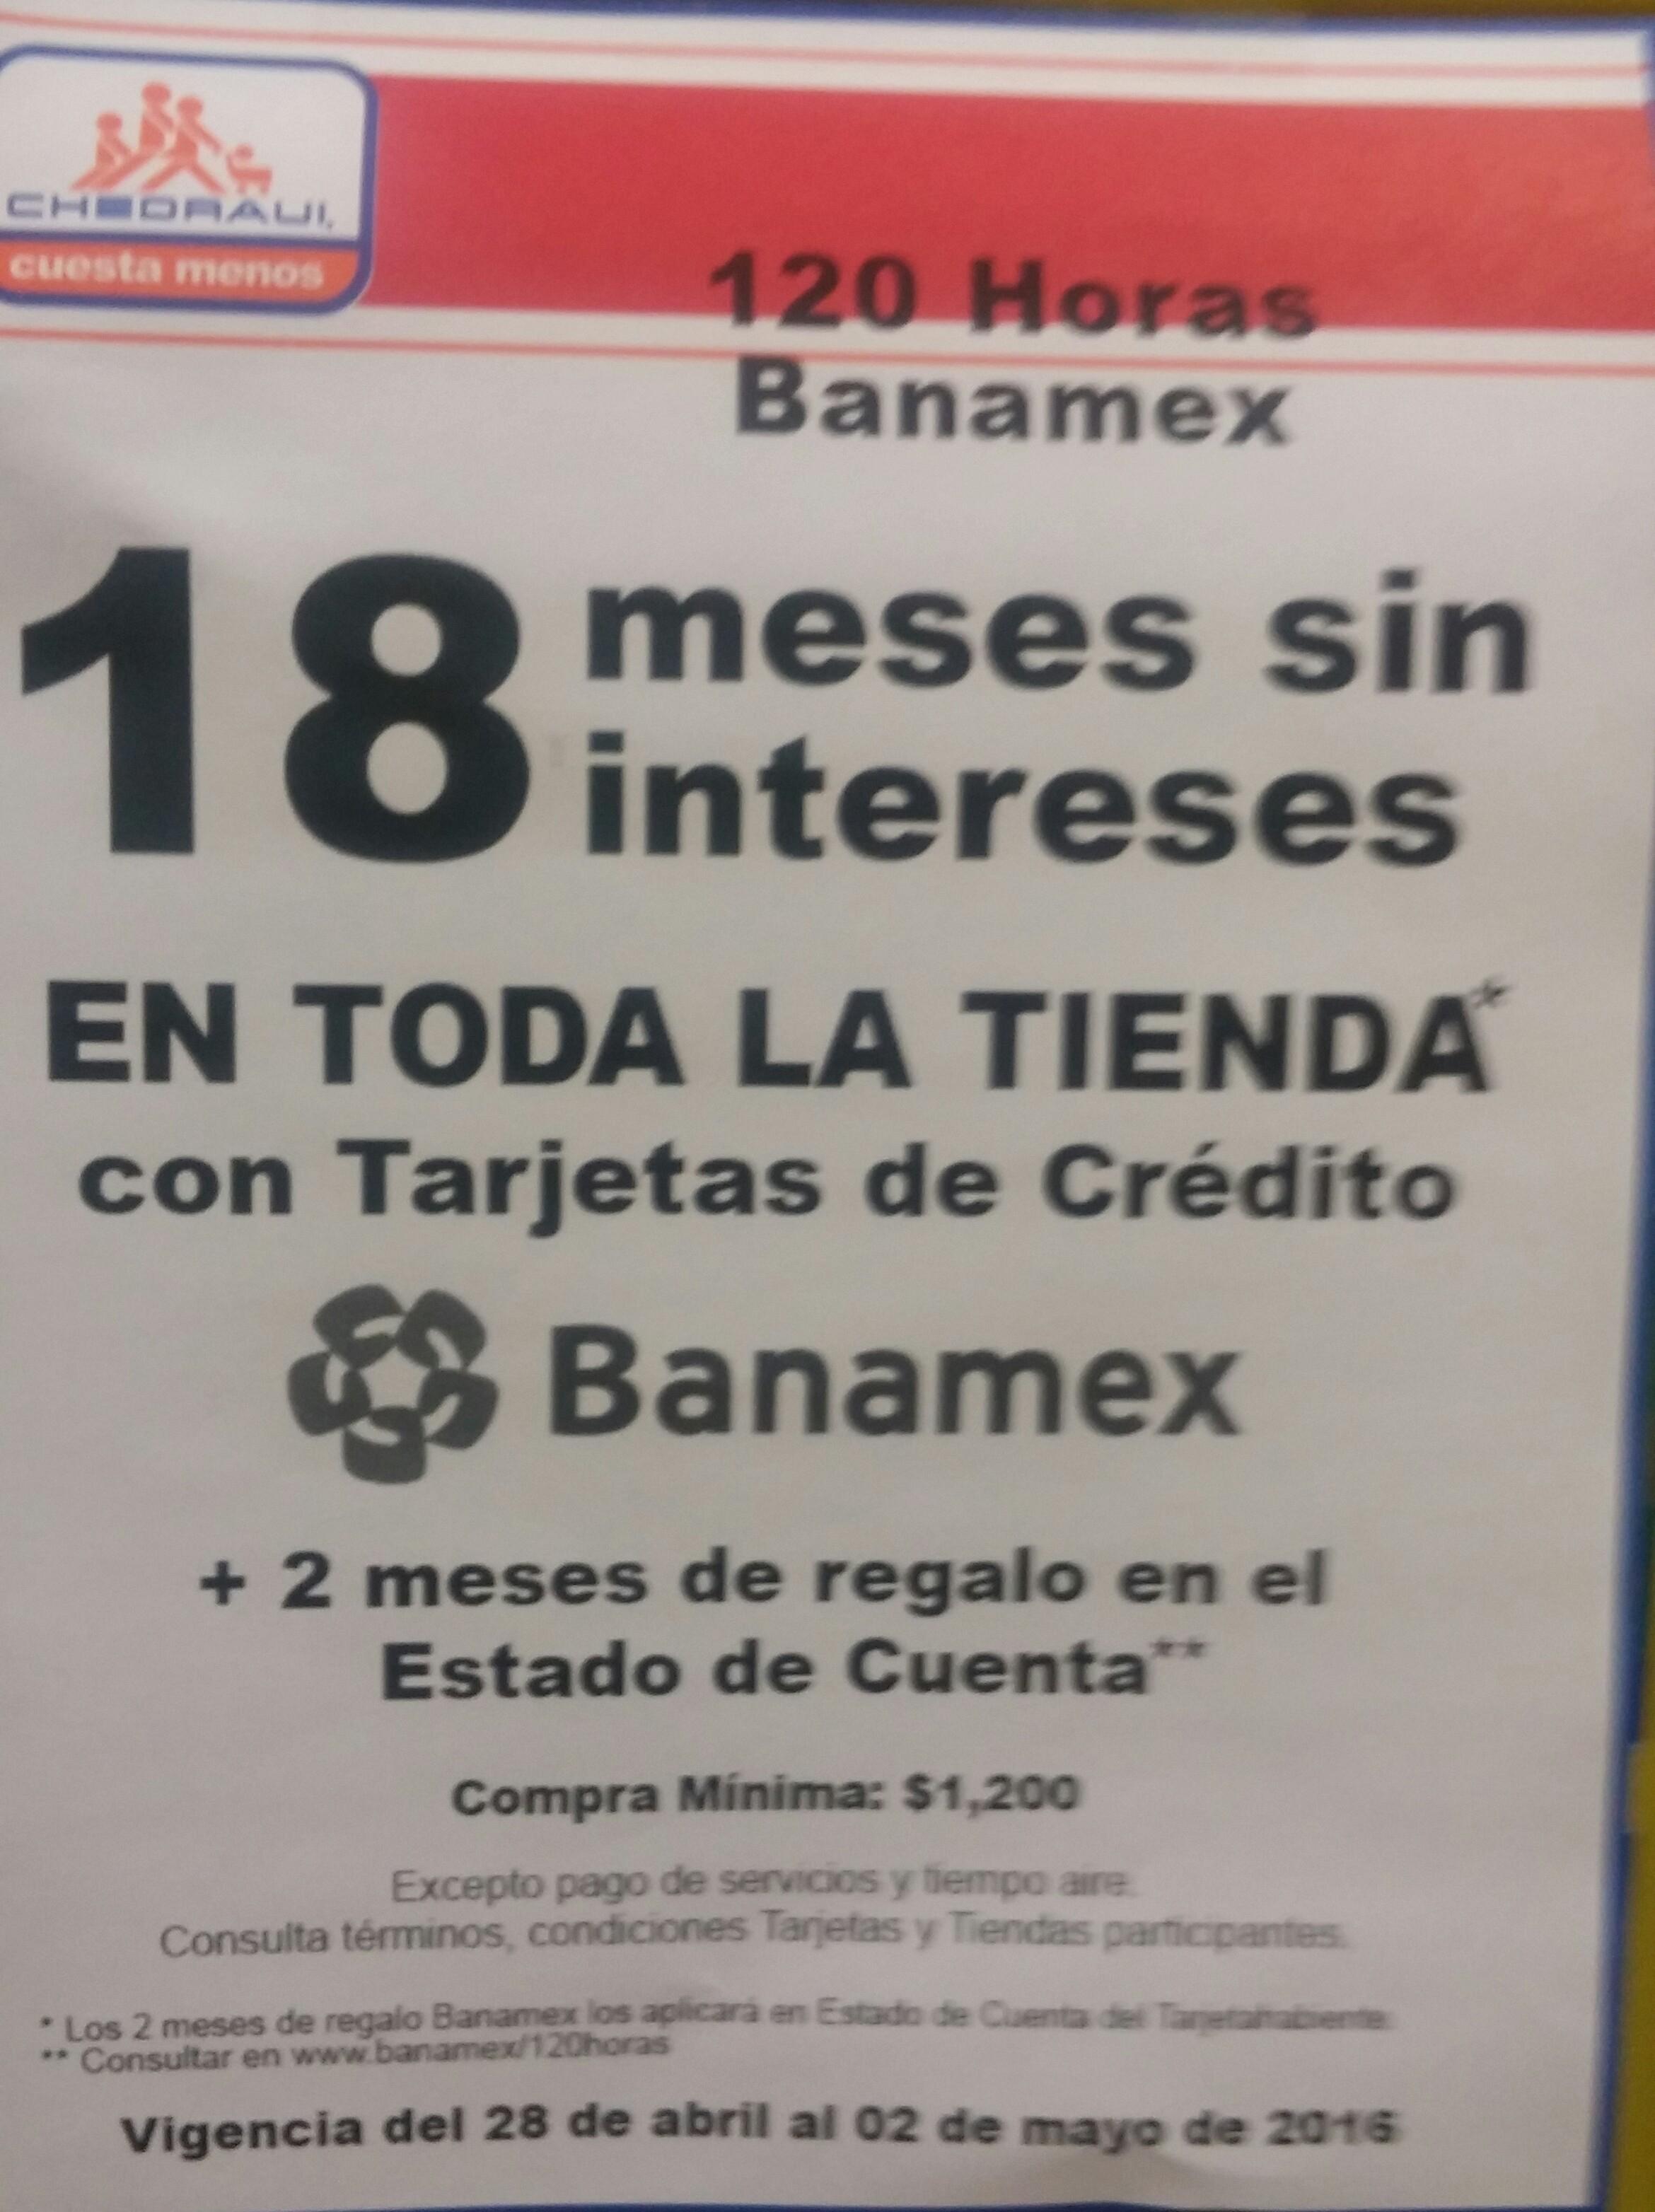 Chedraui en las 120 hrs Banamex: 18 MSI en TODA la tienda + 2 meses de bonificación. Además 3x2 en shampoos, desodorantes y más